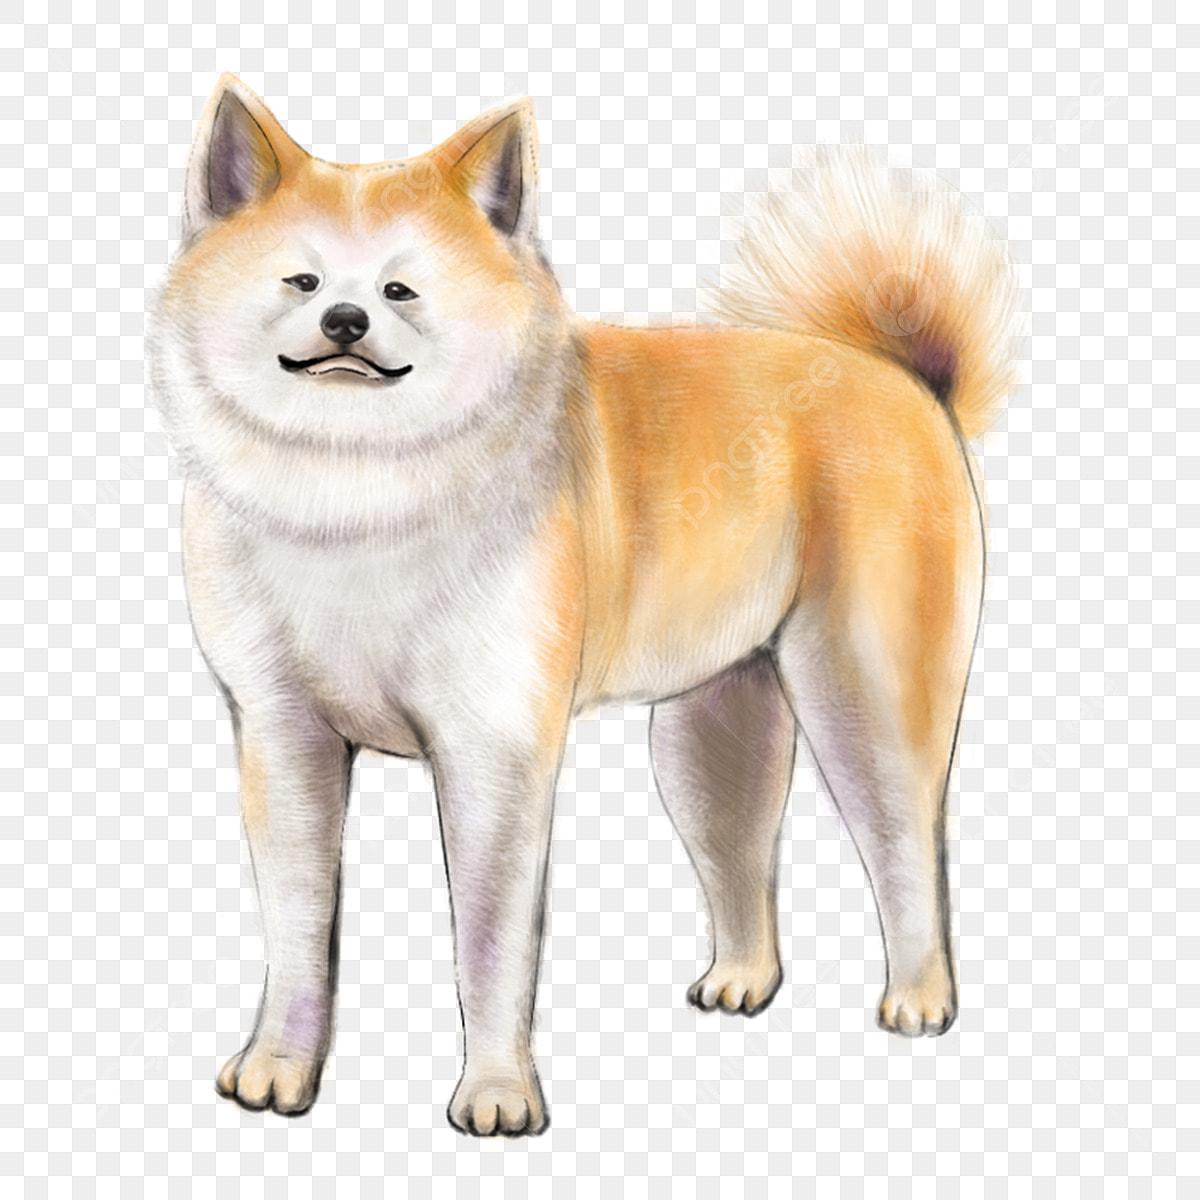 Gambar Akita Anjing Jepun Haiwan Ilustrasi Haiwan Akita Ilustrasi Png Dan Psd Untuk Muat Turun Percuma